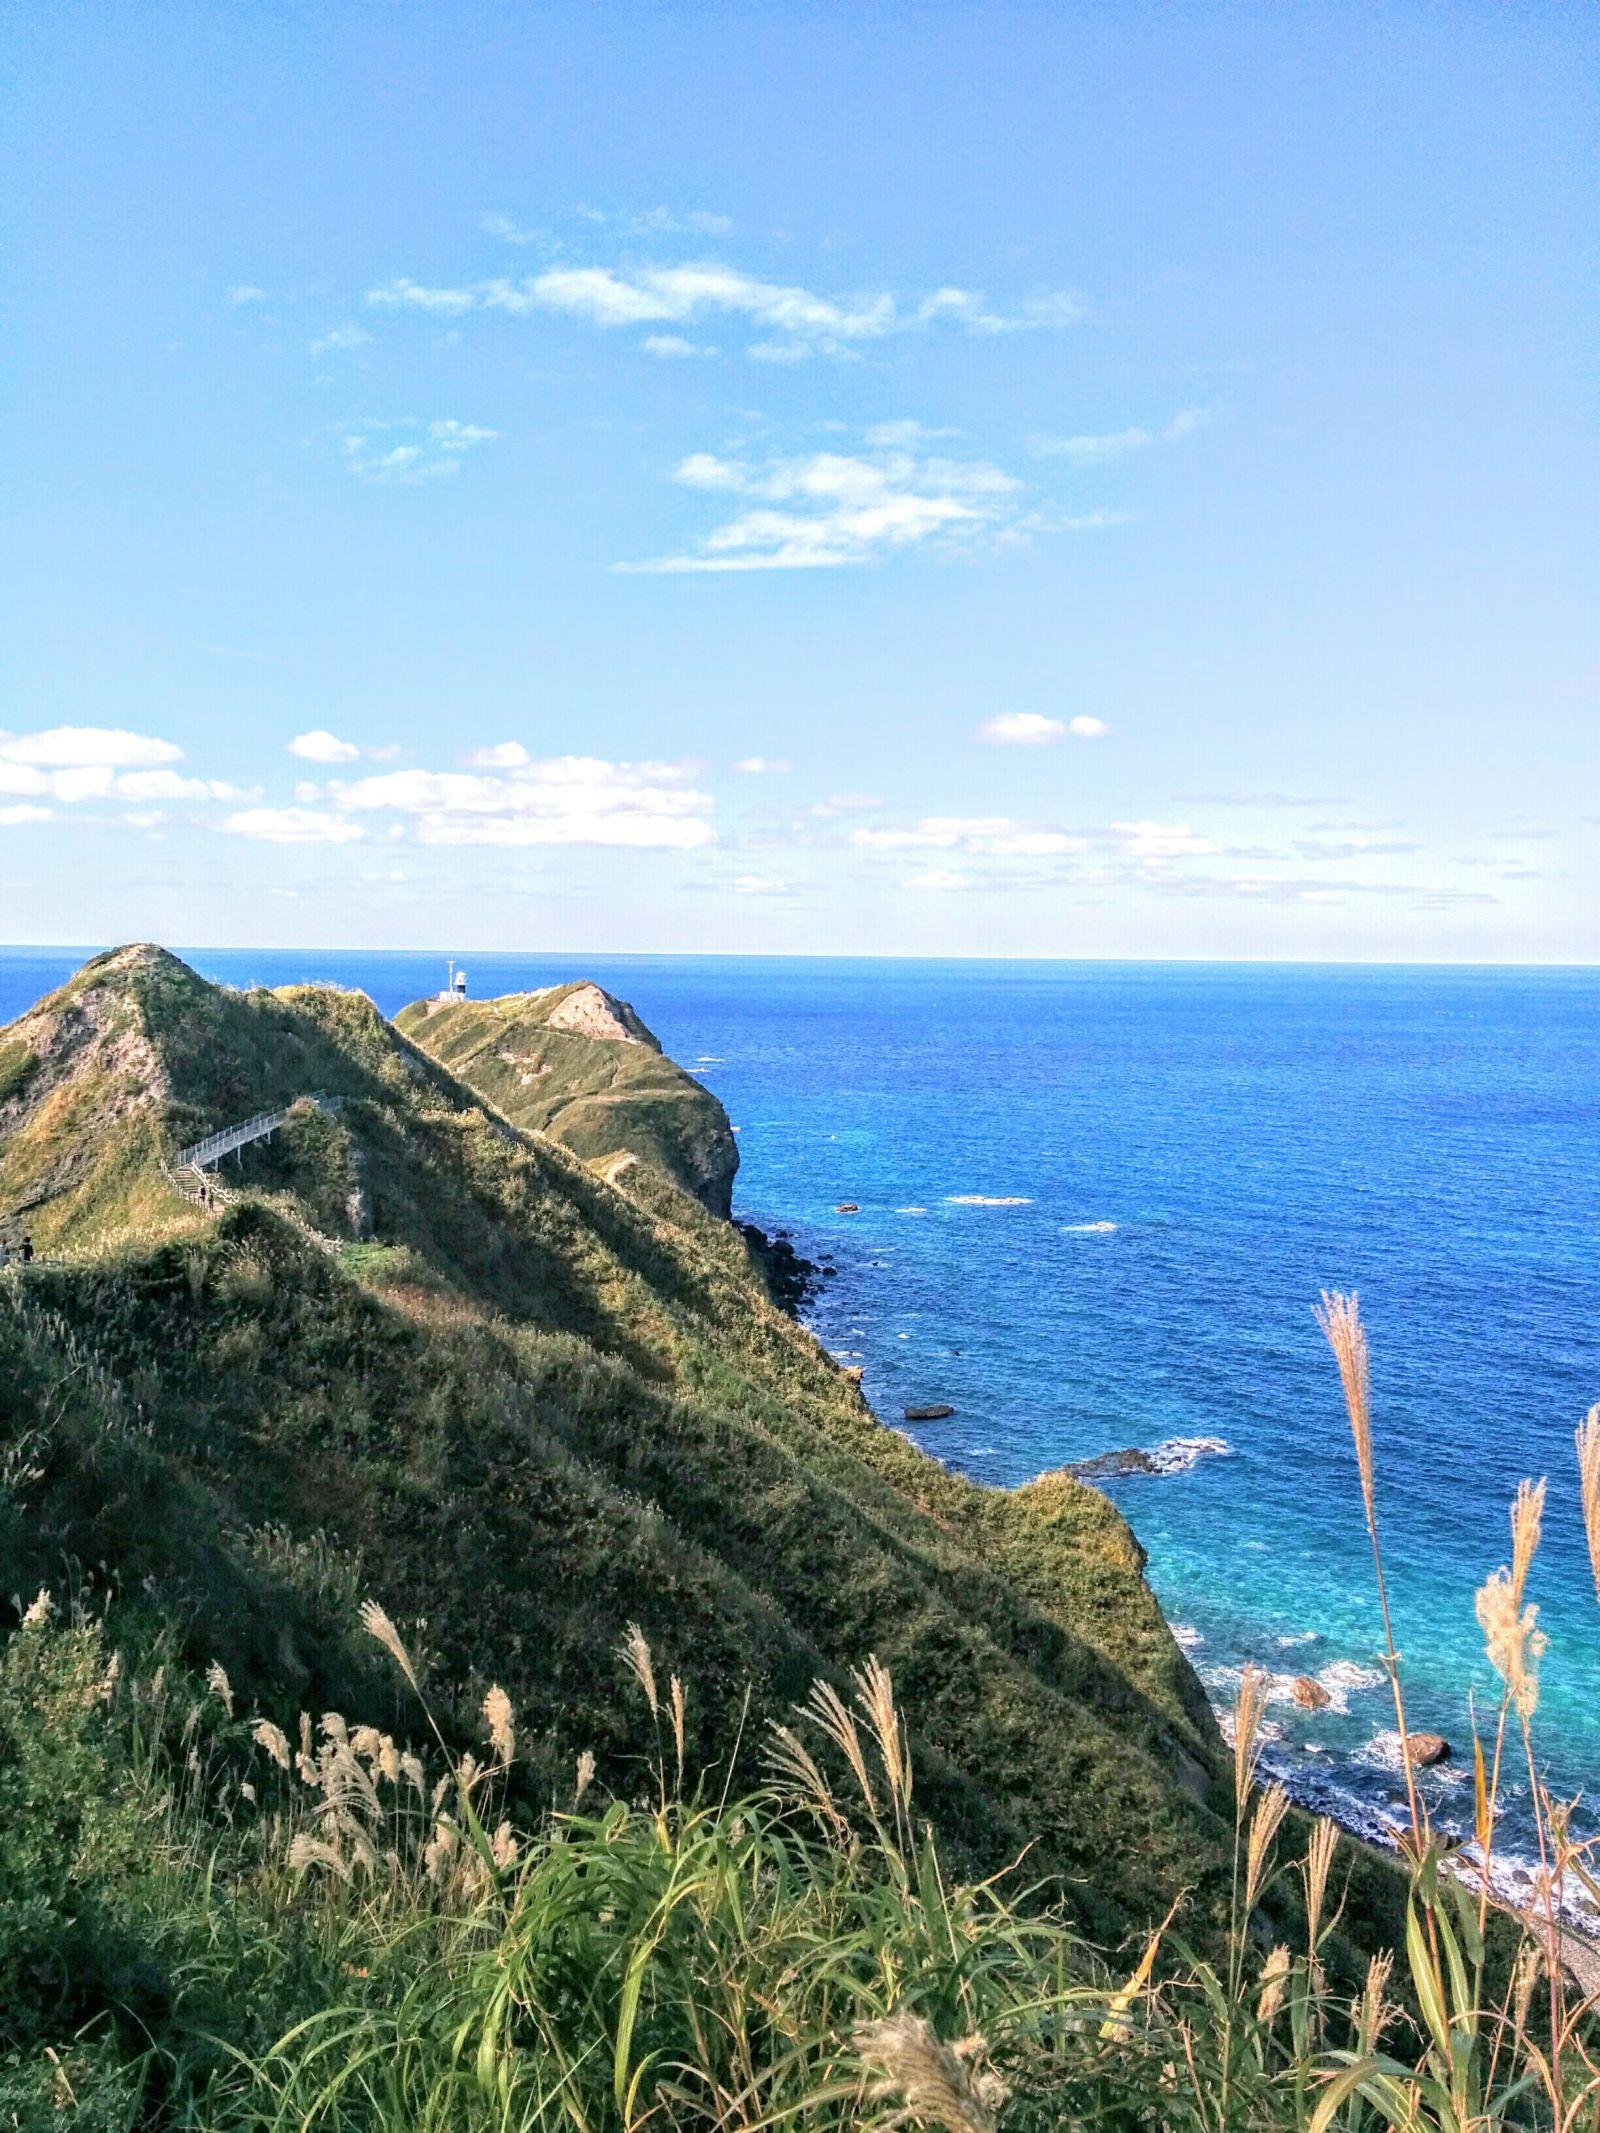 積丹半島神威岬での送迎観光タクシー・ジャンボタクシー